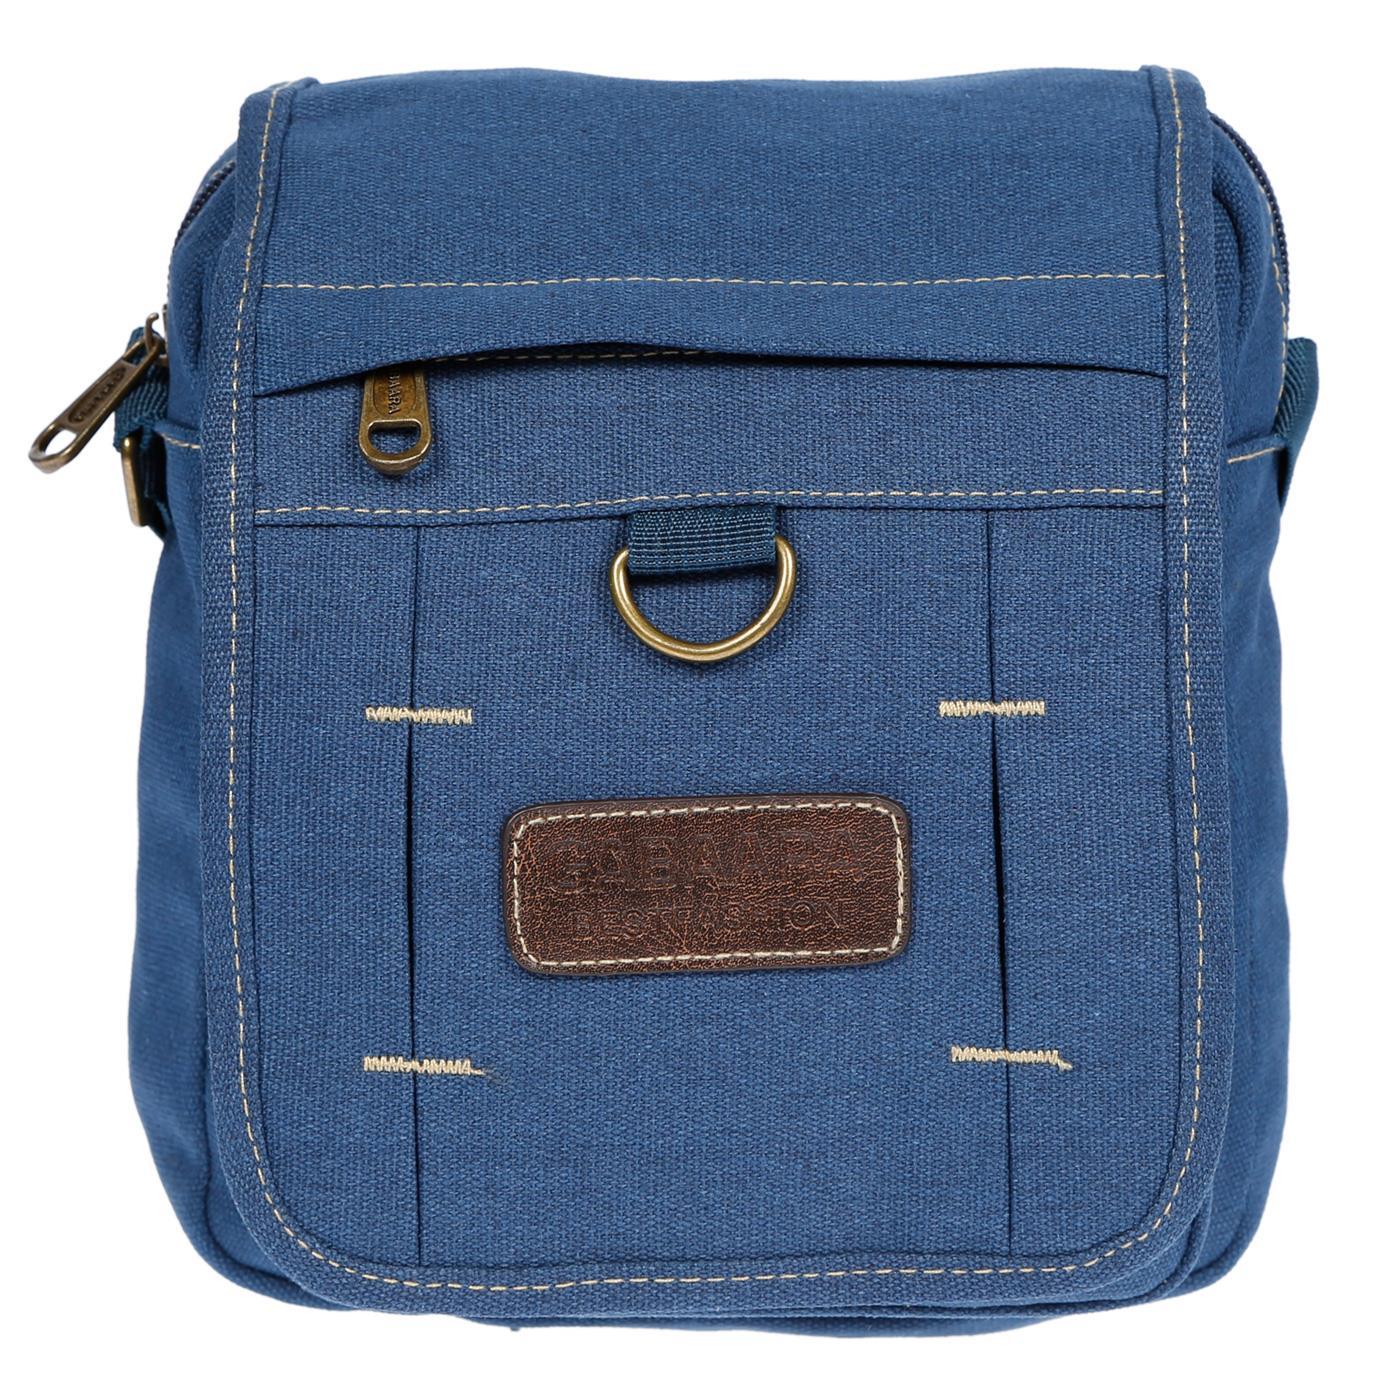 Damen-Herren-Tasche-Canvas-Umhaengetasche-Schultertasche-Crossover-Bag-Handtasche Indexbild 32